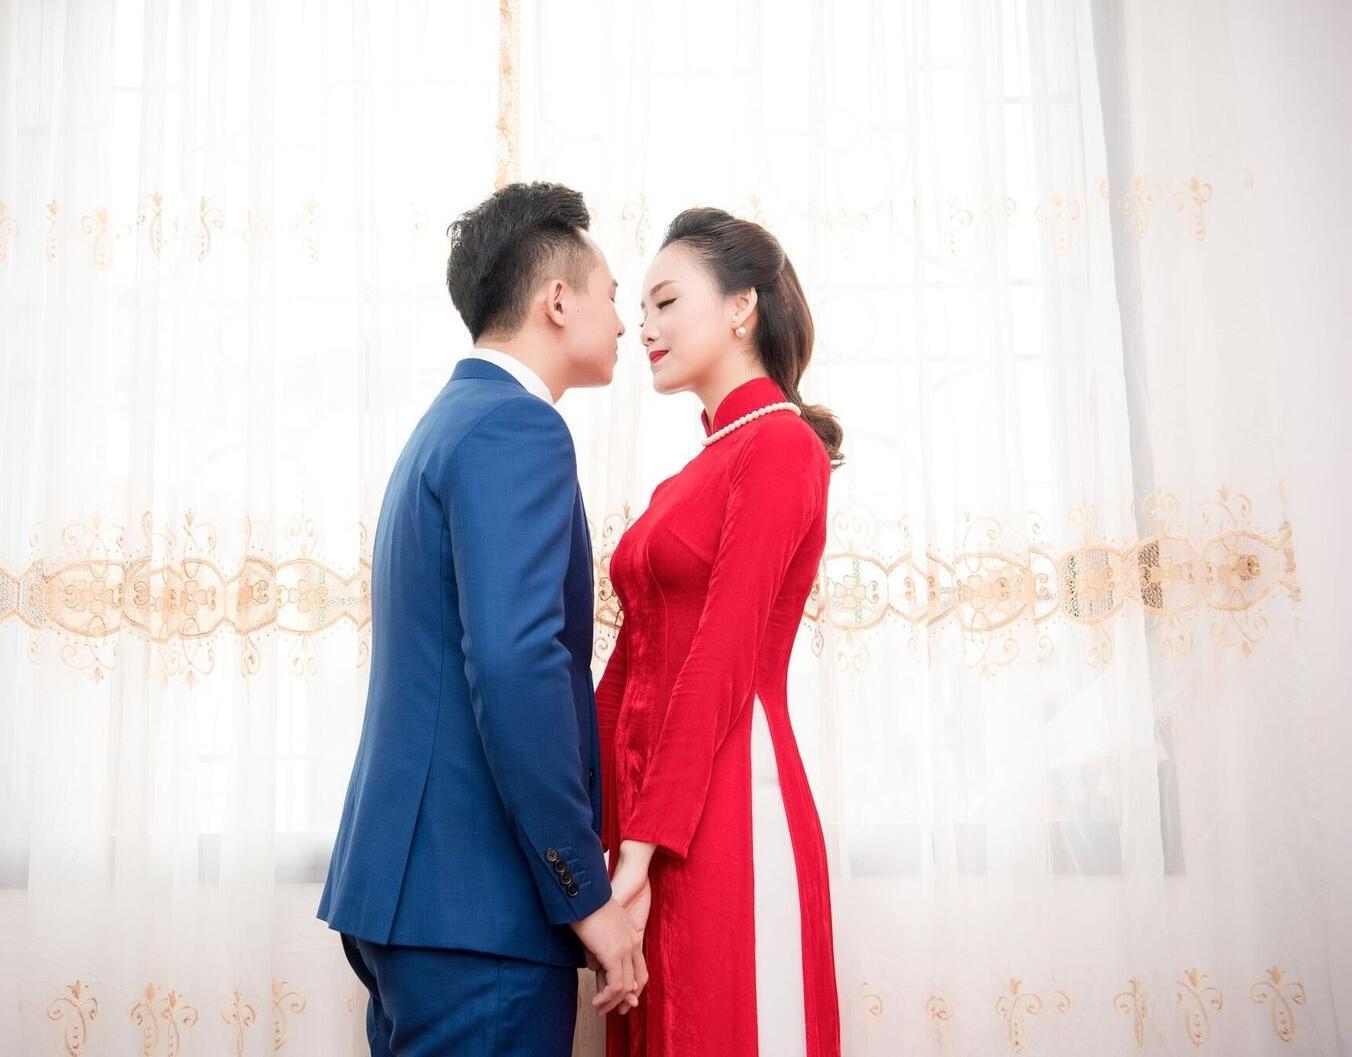 Hoa hậu khả ái Trần Tố Như nở nụ cười rạng rỡ, nắm chặt tay hot boy cảnh sát trong suốt lễ ăn hỏi-12